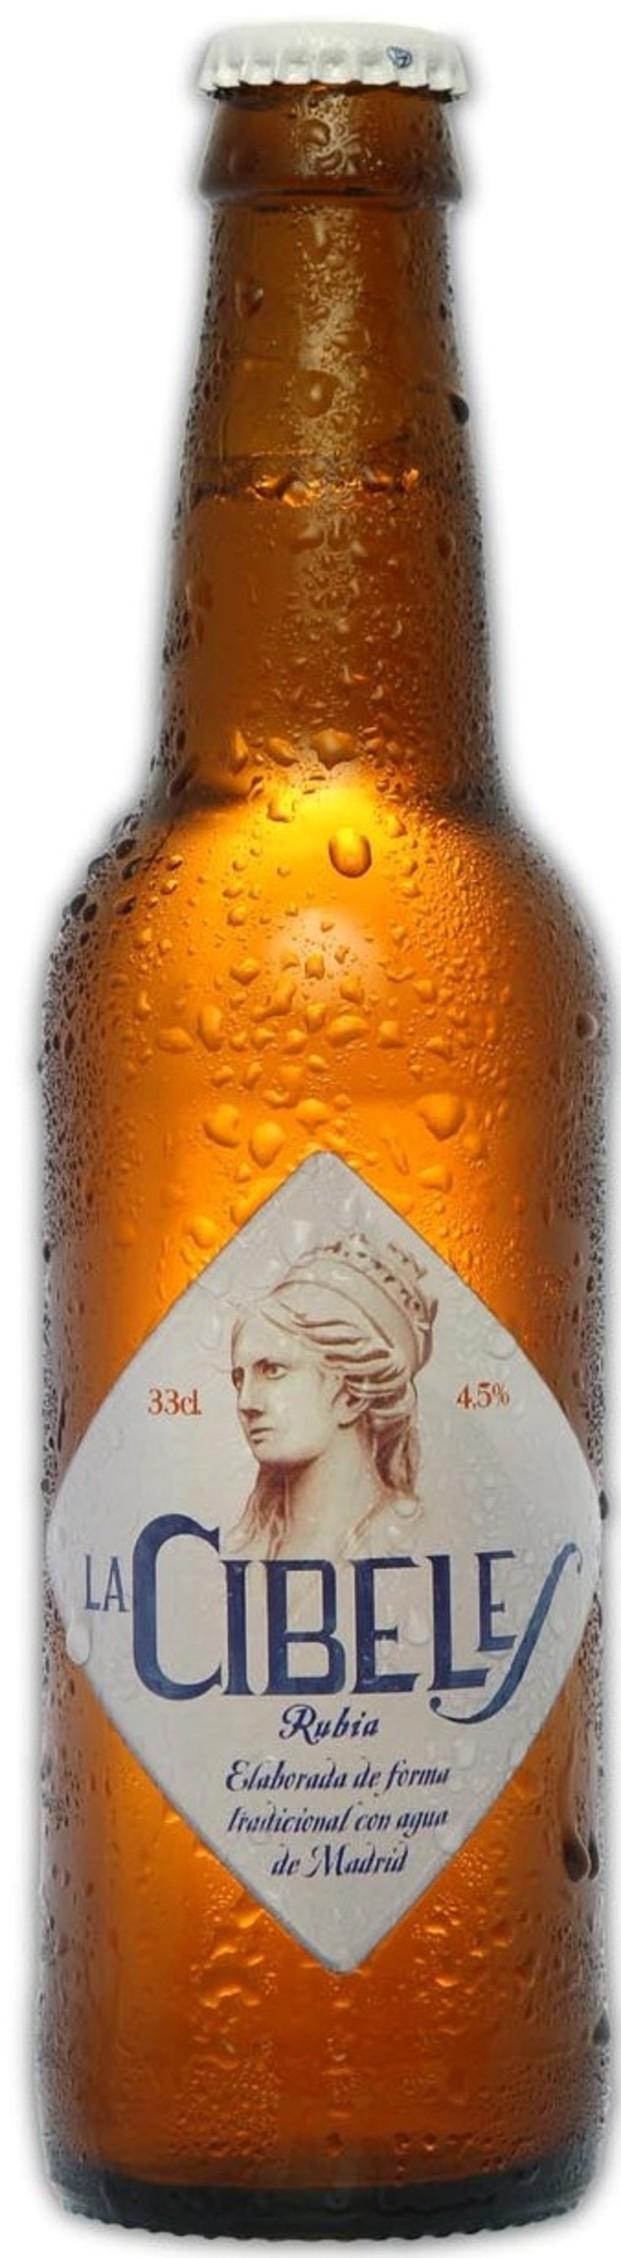 Cerveza Artesanal.Cerveza artesanal elaborada con agua de Madrid